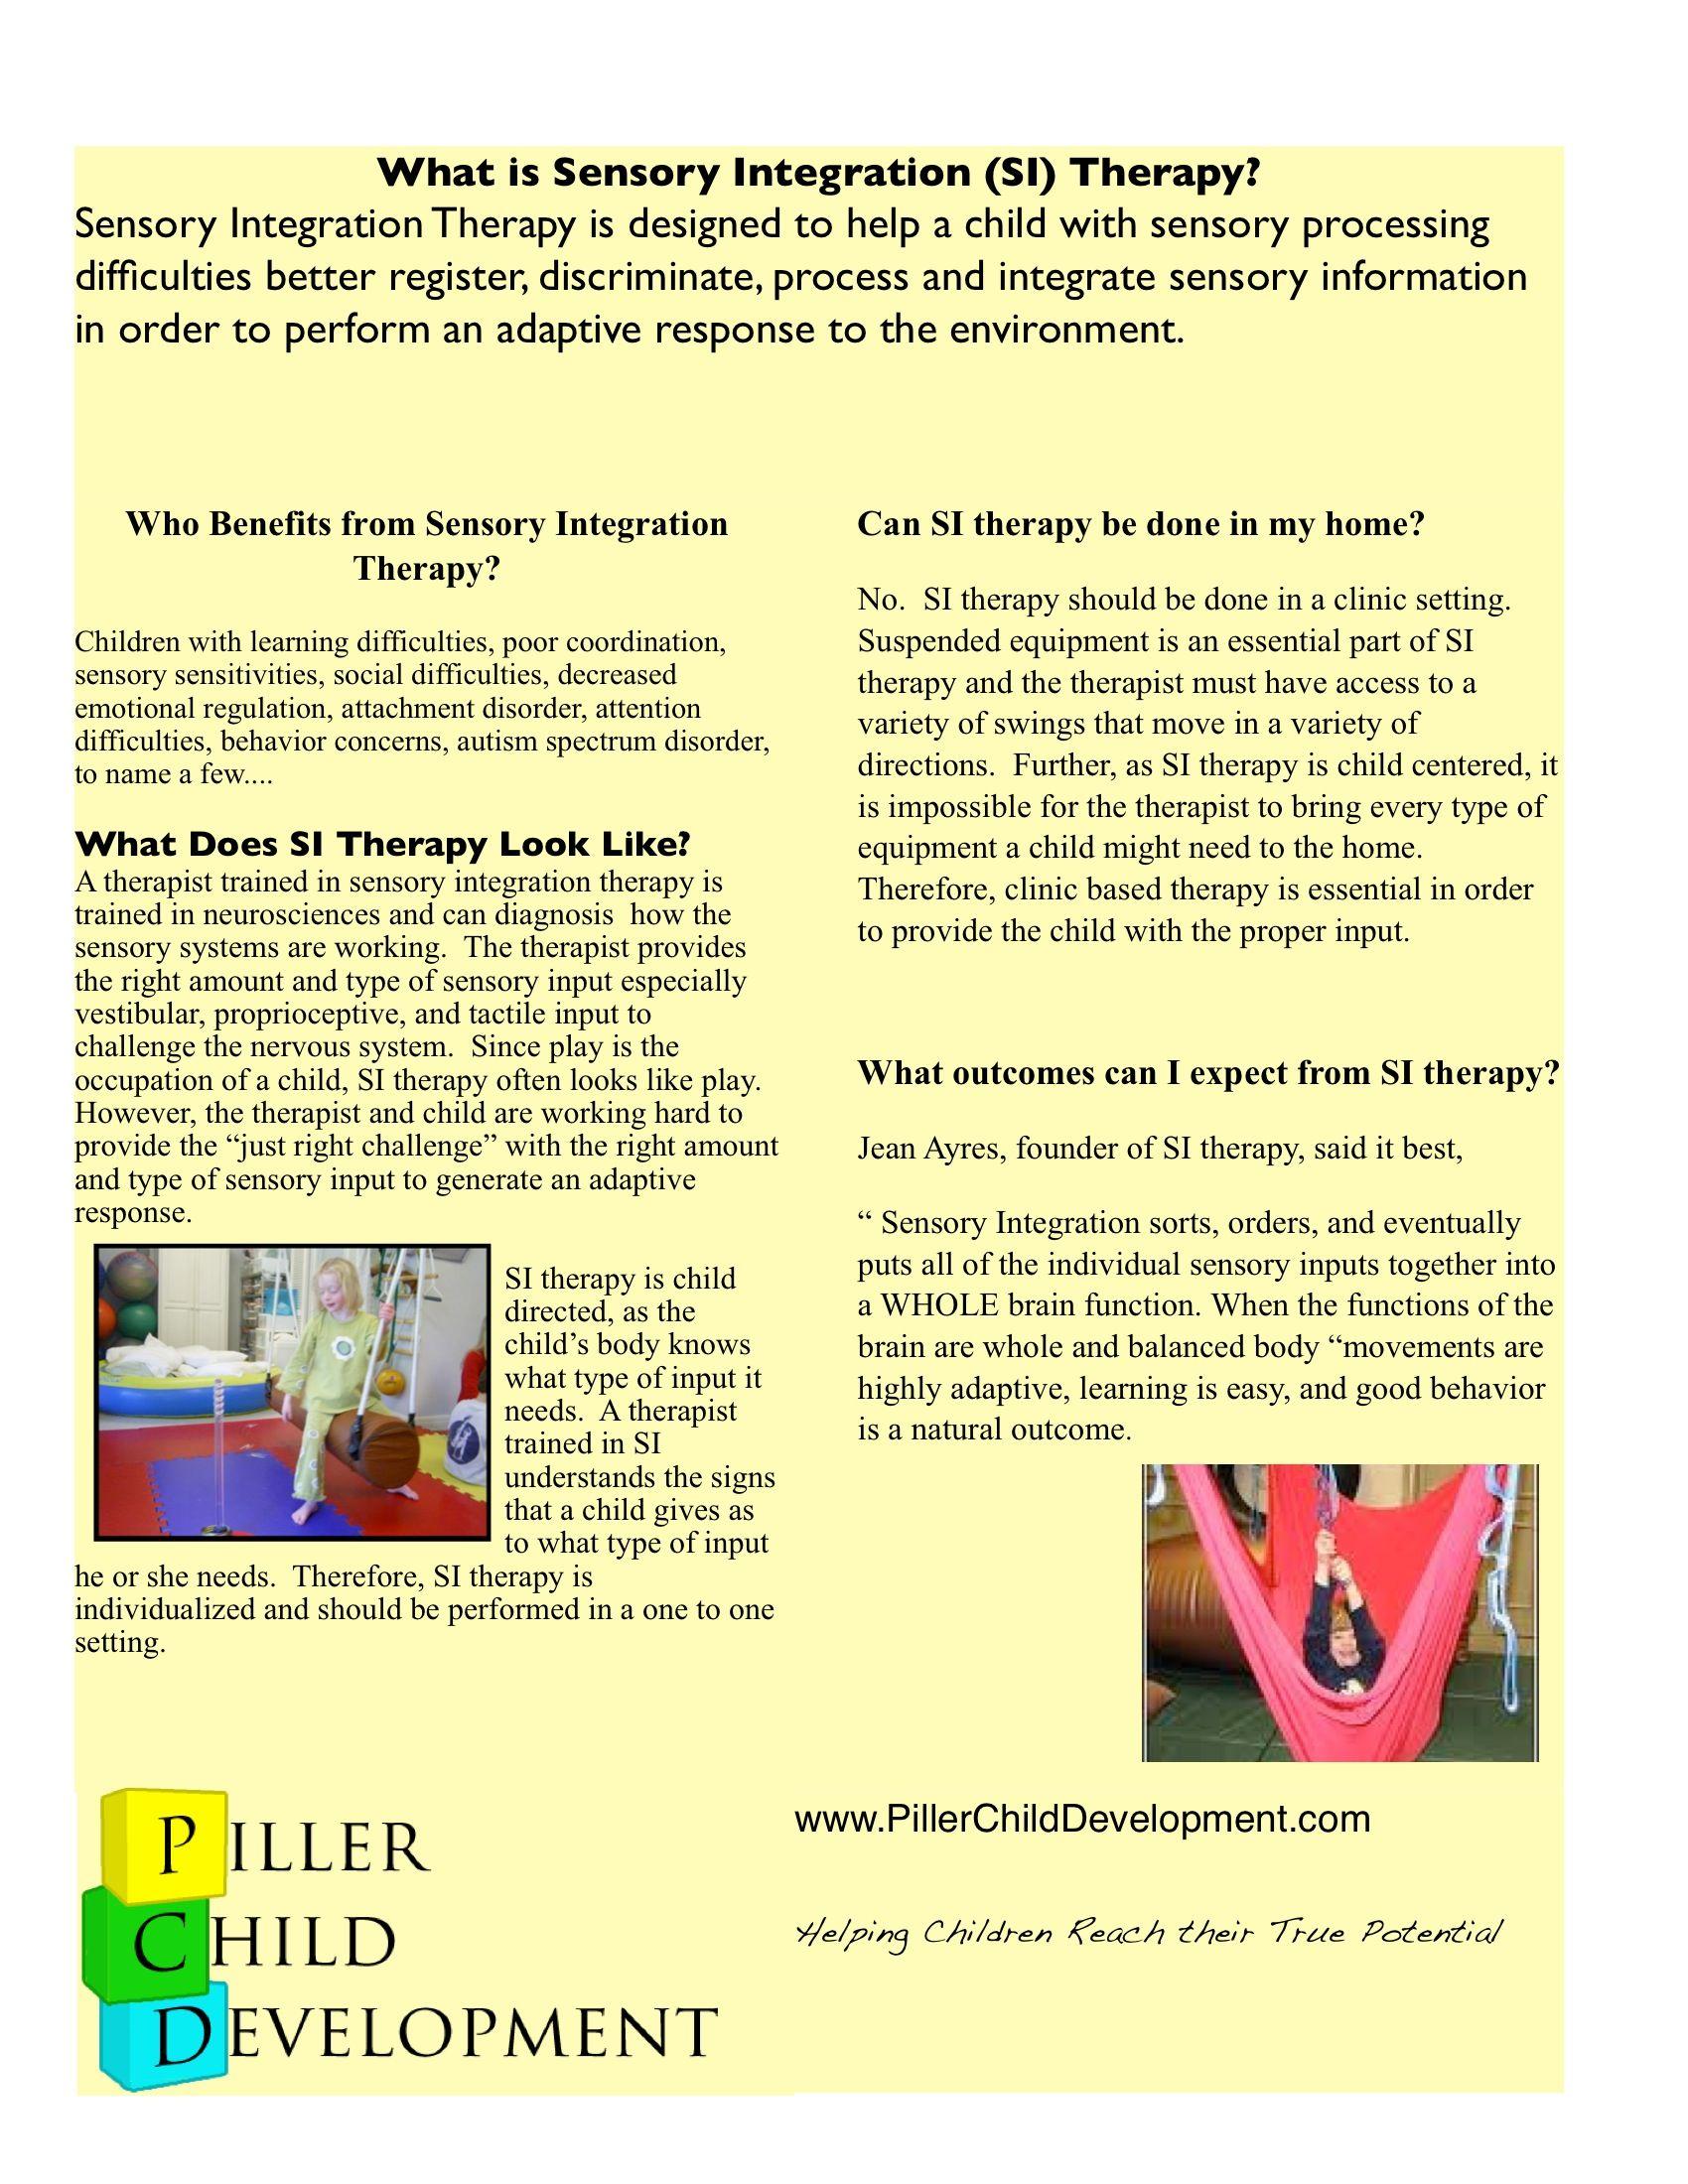 What is Sensory Integration Therapy? | Sensory Handouts | Sensory